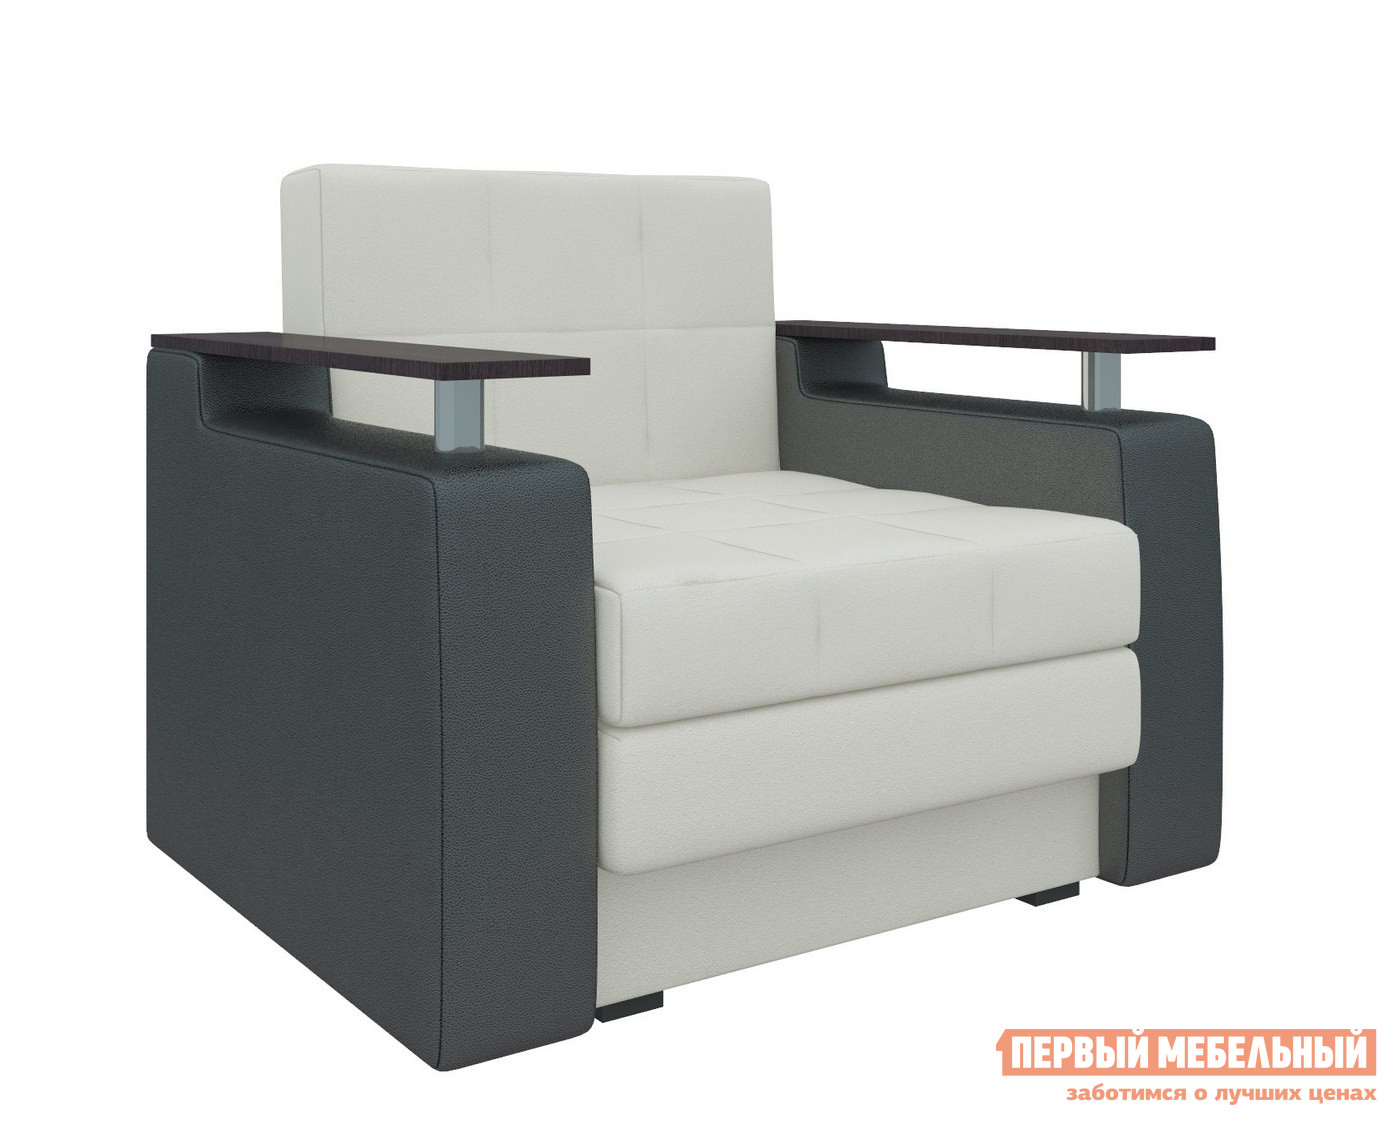 Кресло-кровать Мебелико Кресло-кровать Комфорт